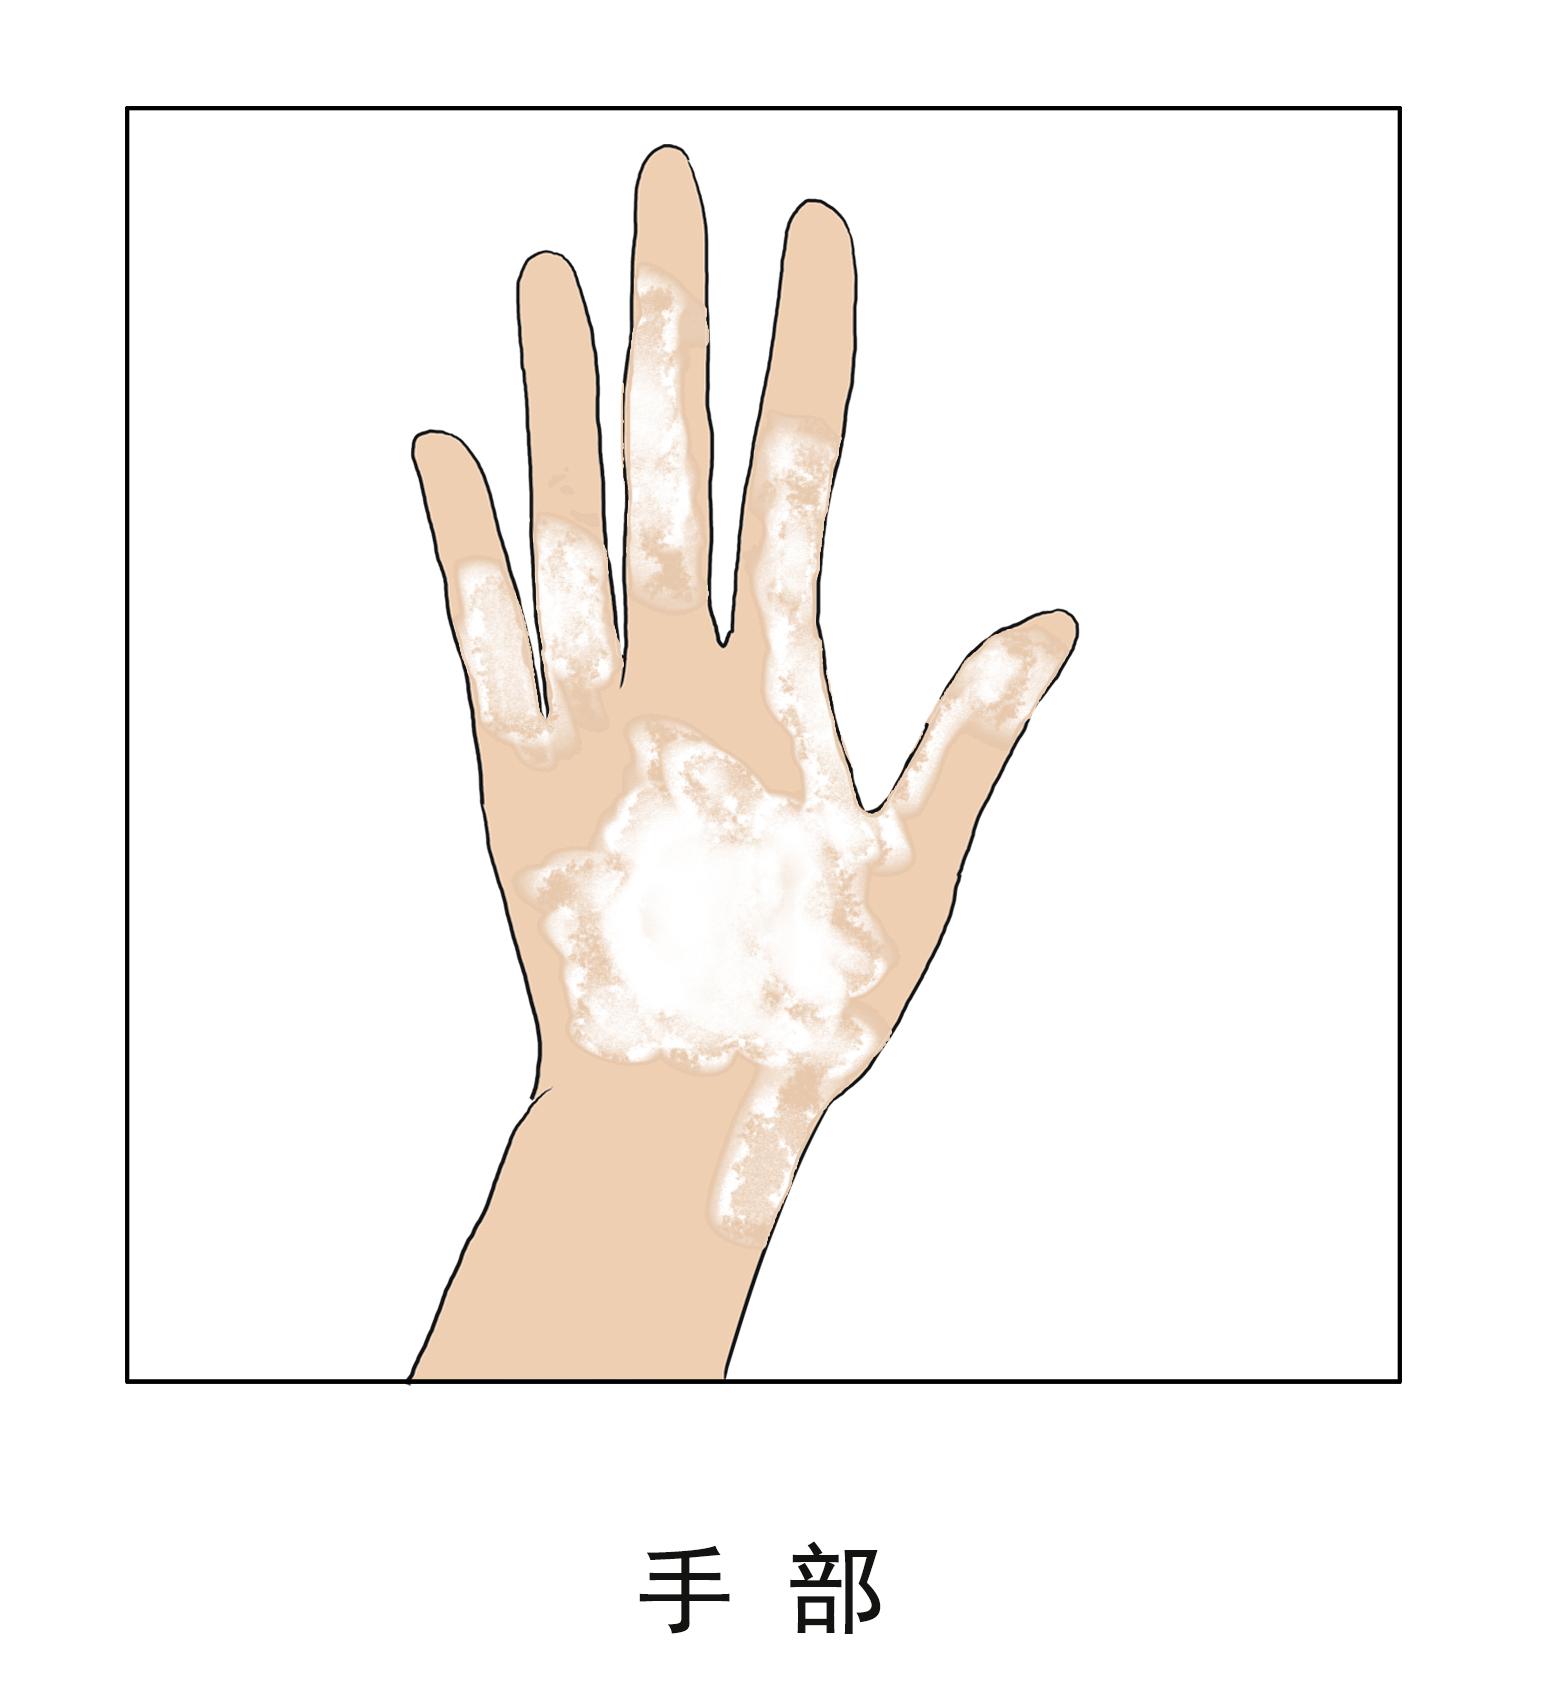 昆明哪里治疗白斑病有效?手部为什么会经常出现白癜风